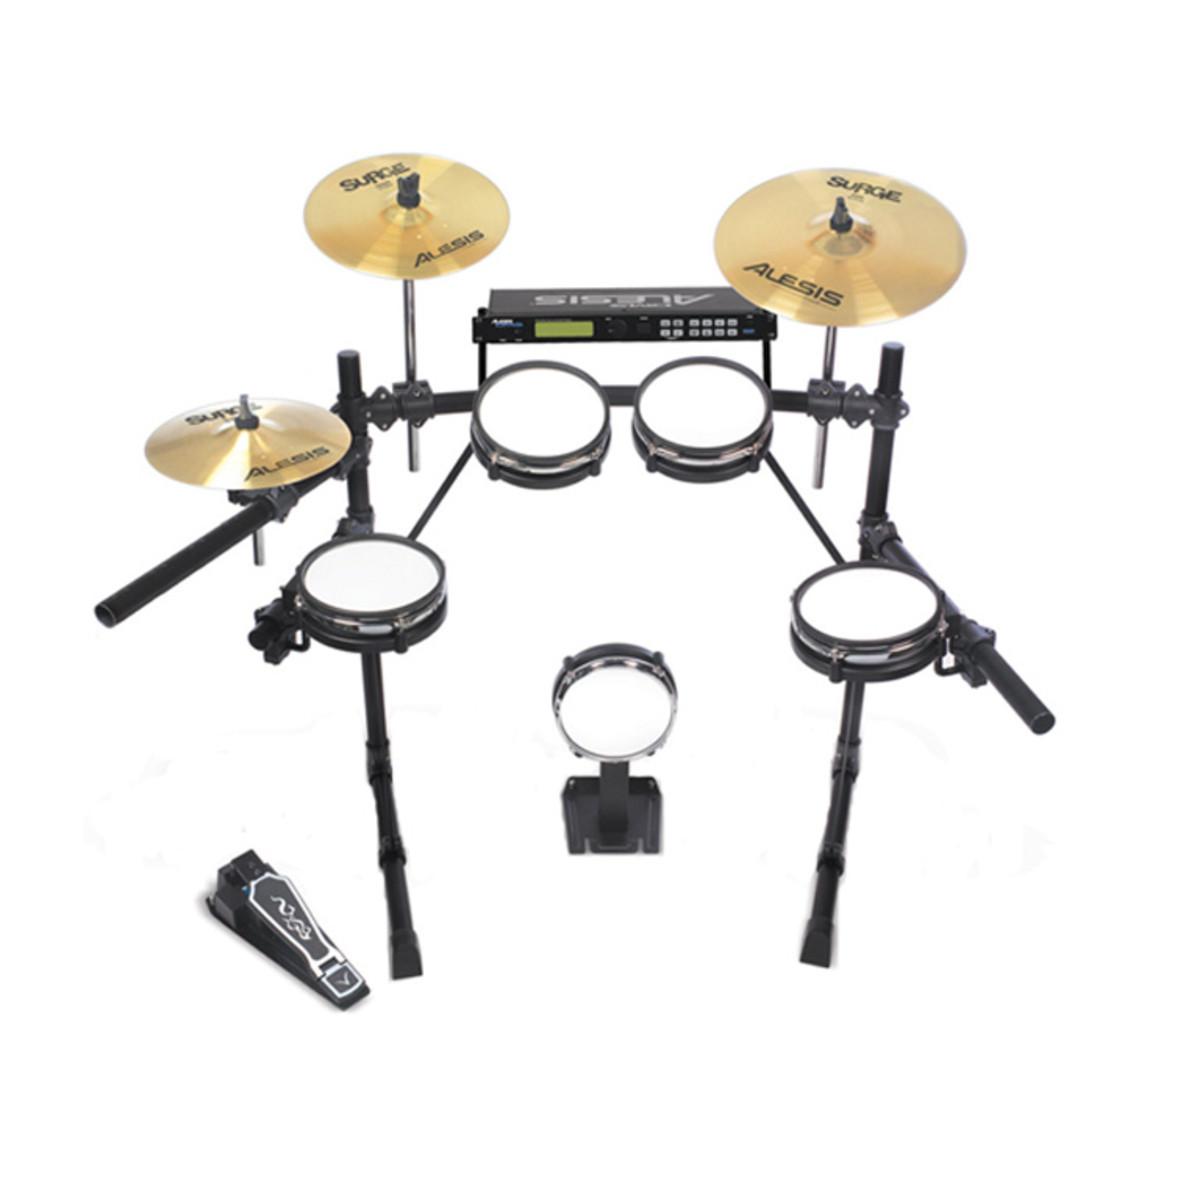 902dc28b7ce2 DISCONTINUED Alesis DM5 Pro Drum Kit